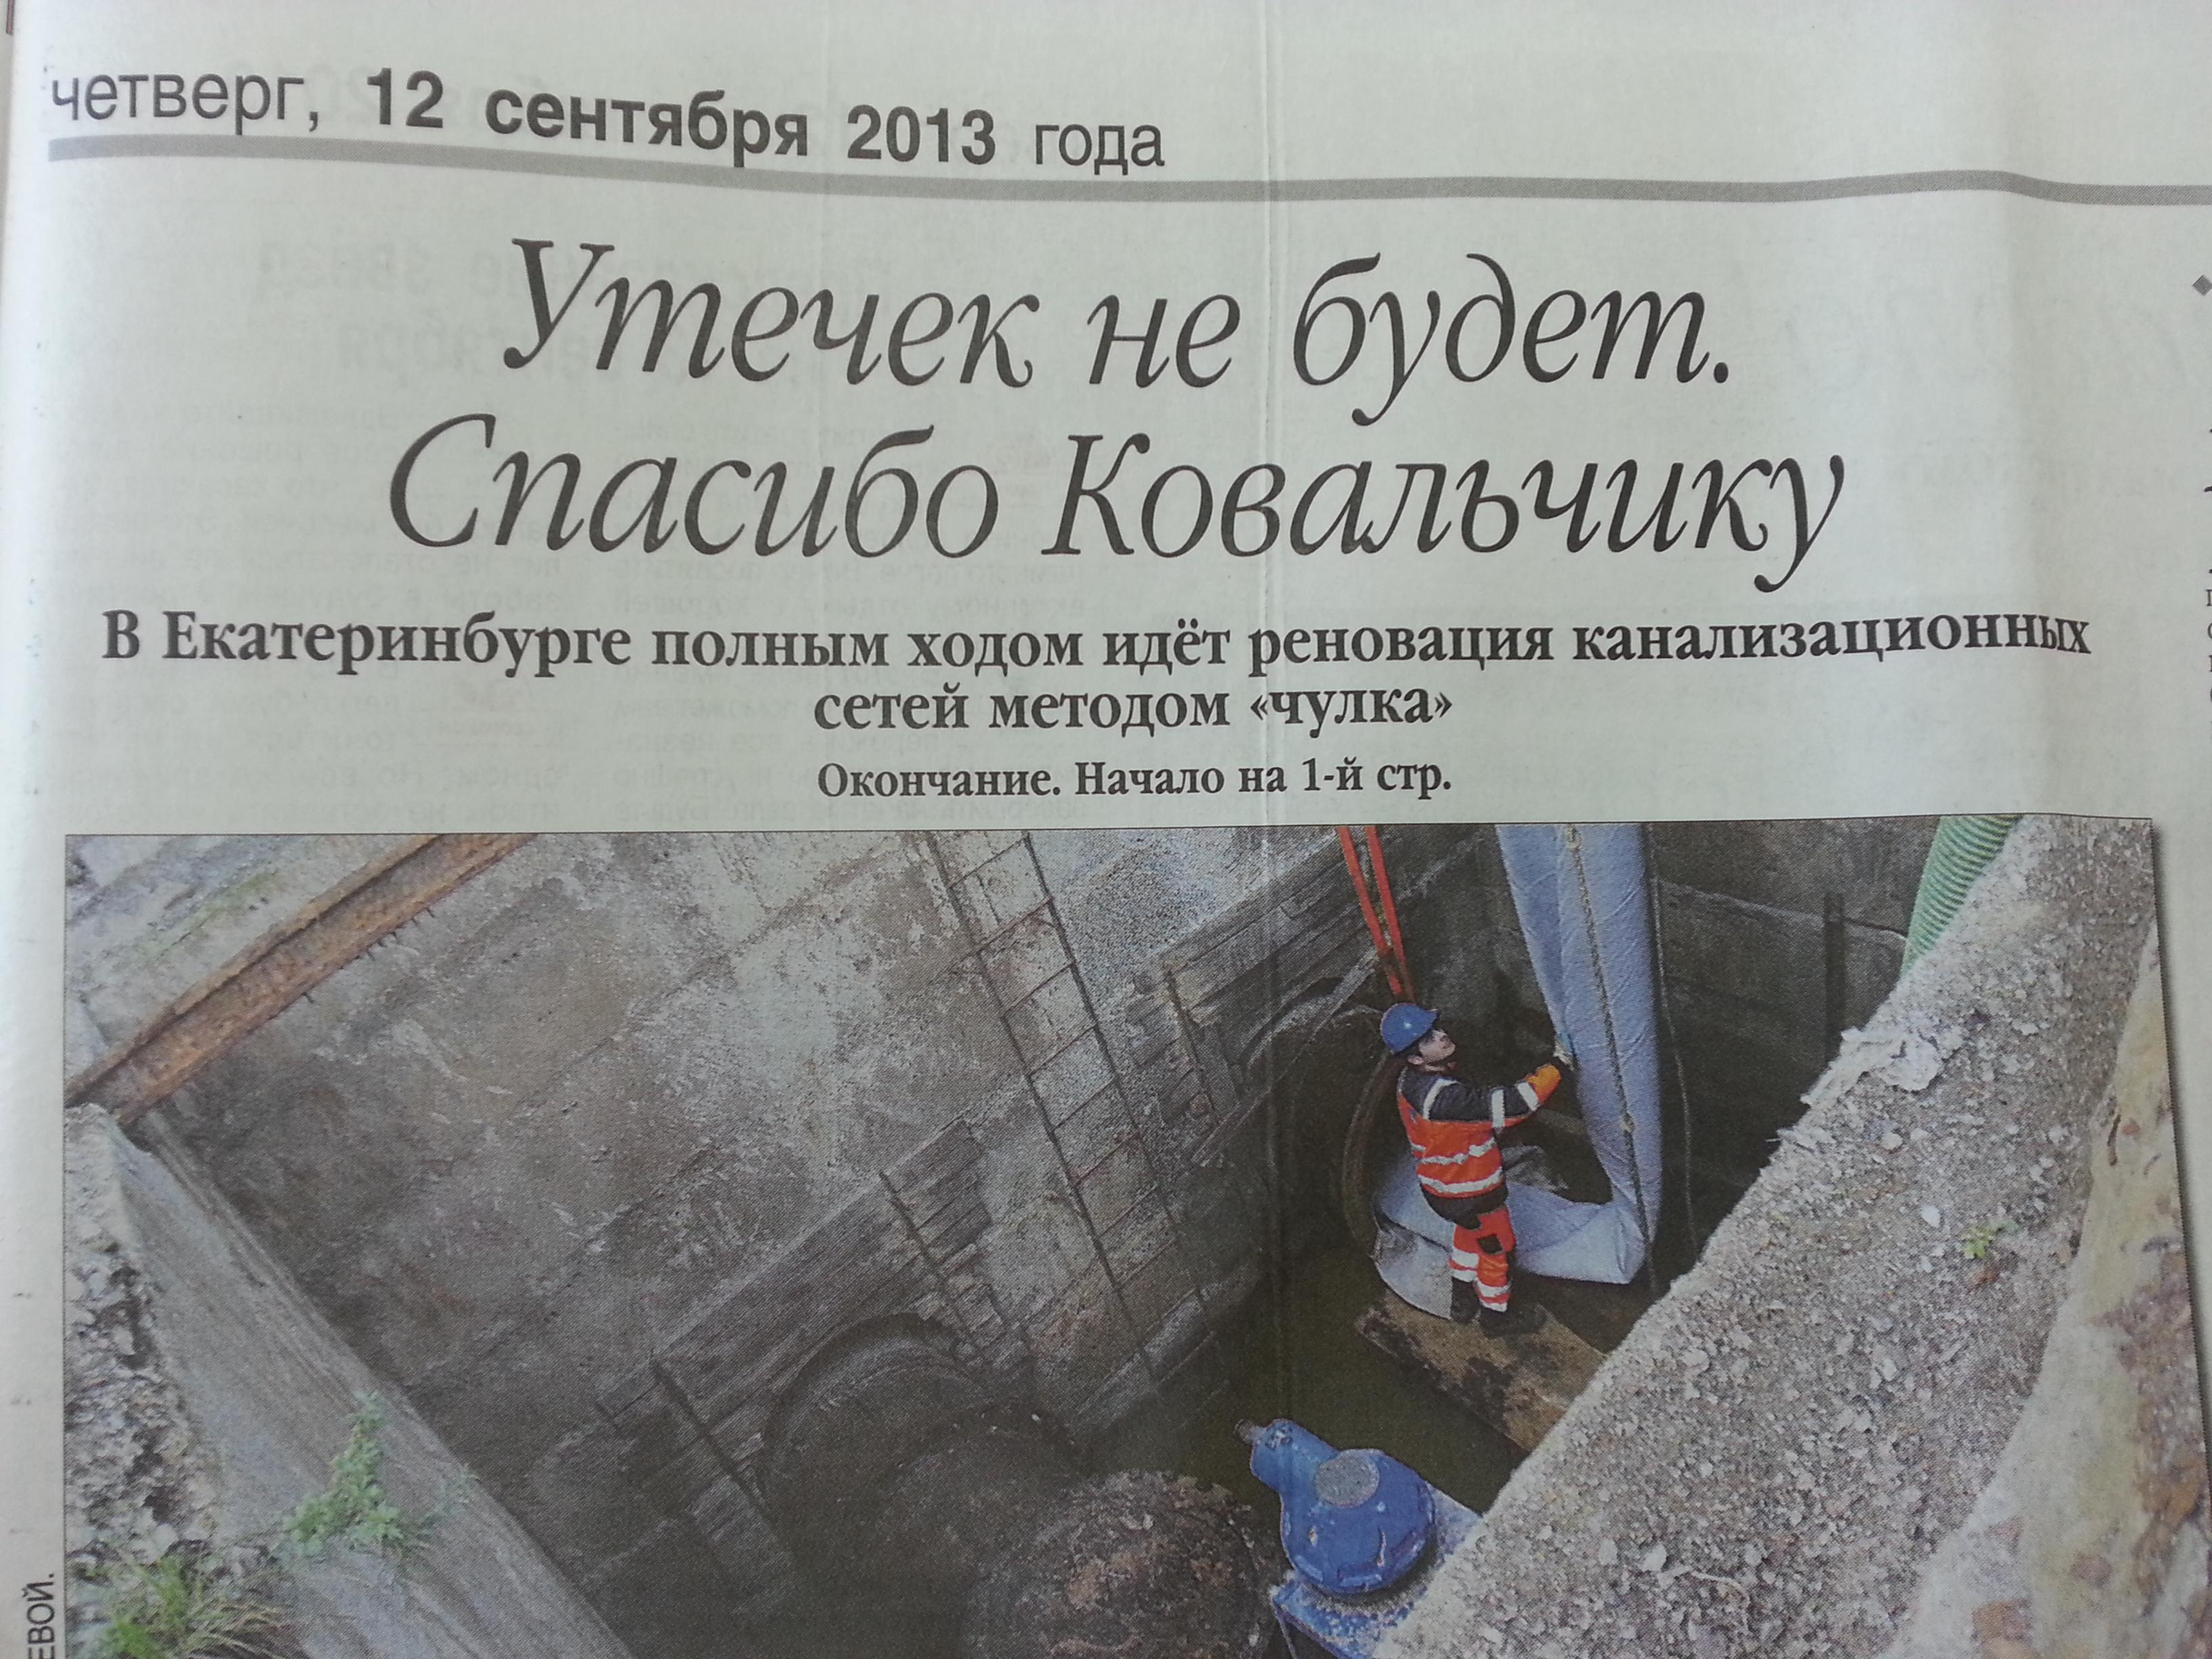 «Спасибо Ковальчику!» Полиция обыскивает «Водоканал», а «Вечерка» поет дифирамбы